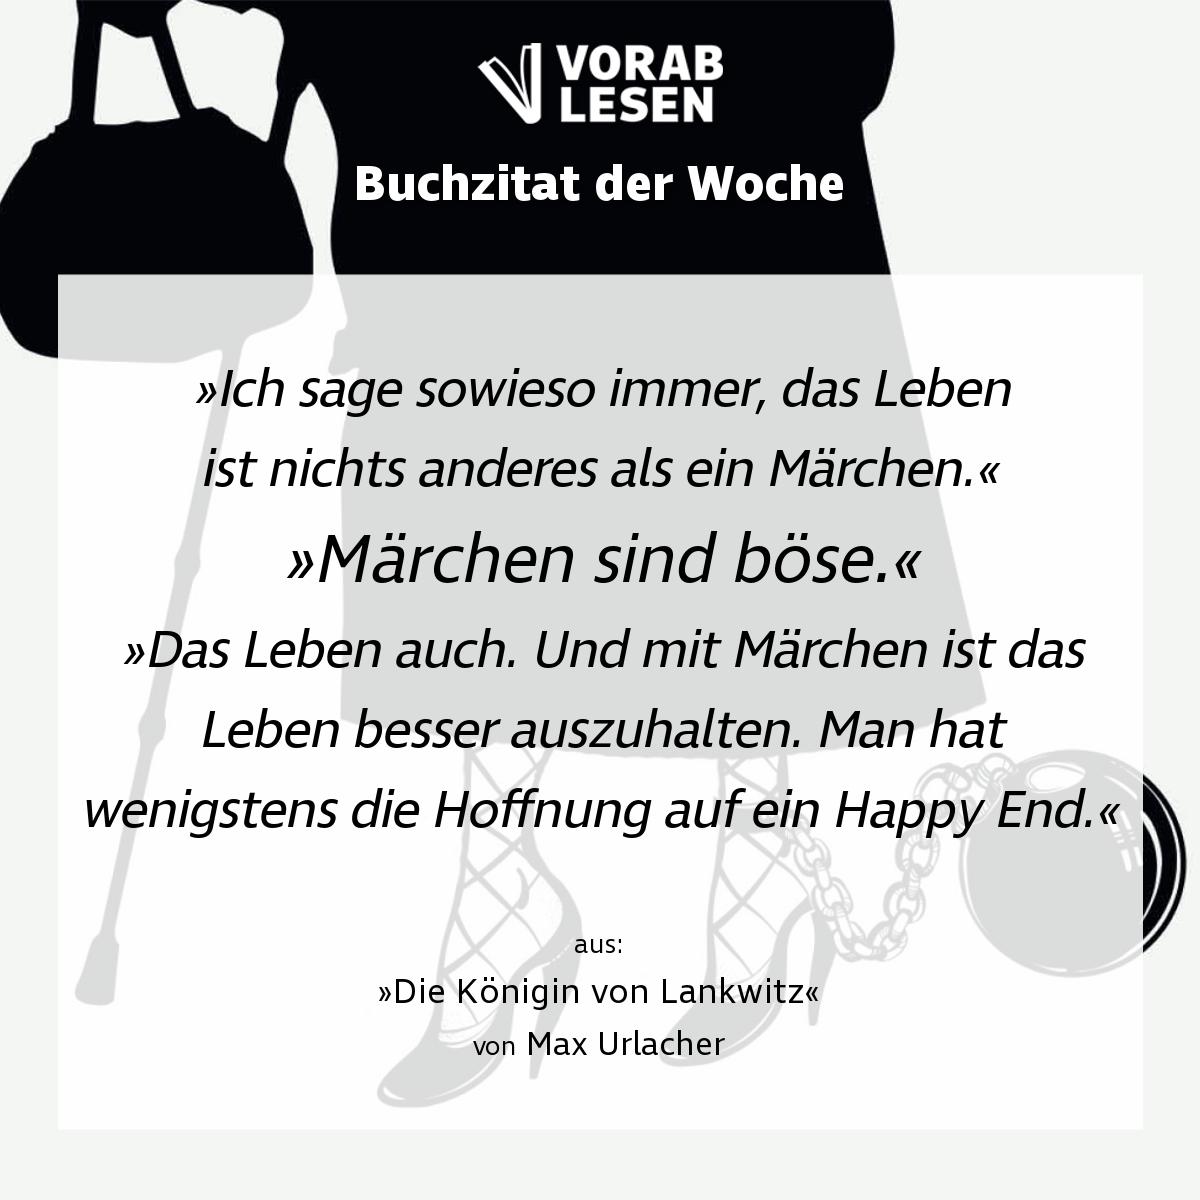 KW_4_Urlacher_Die Königin von Lankwitz